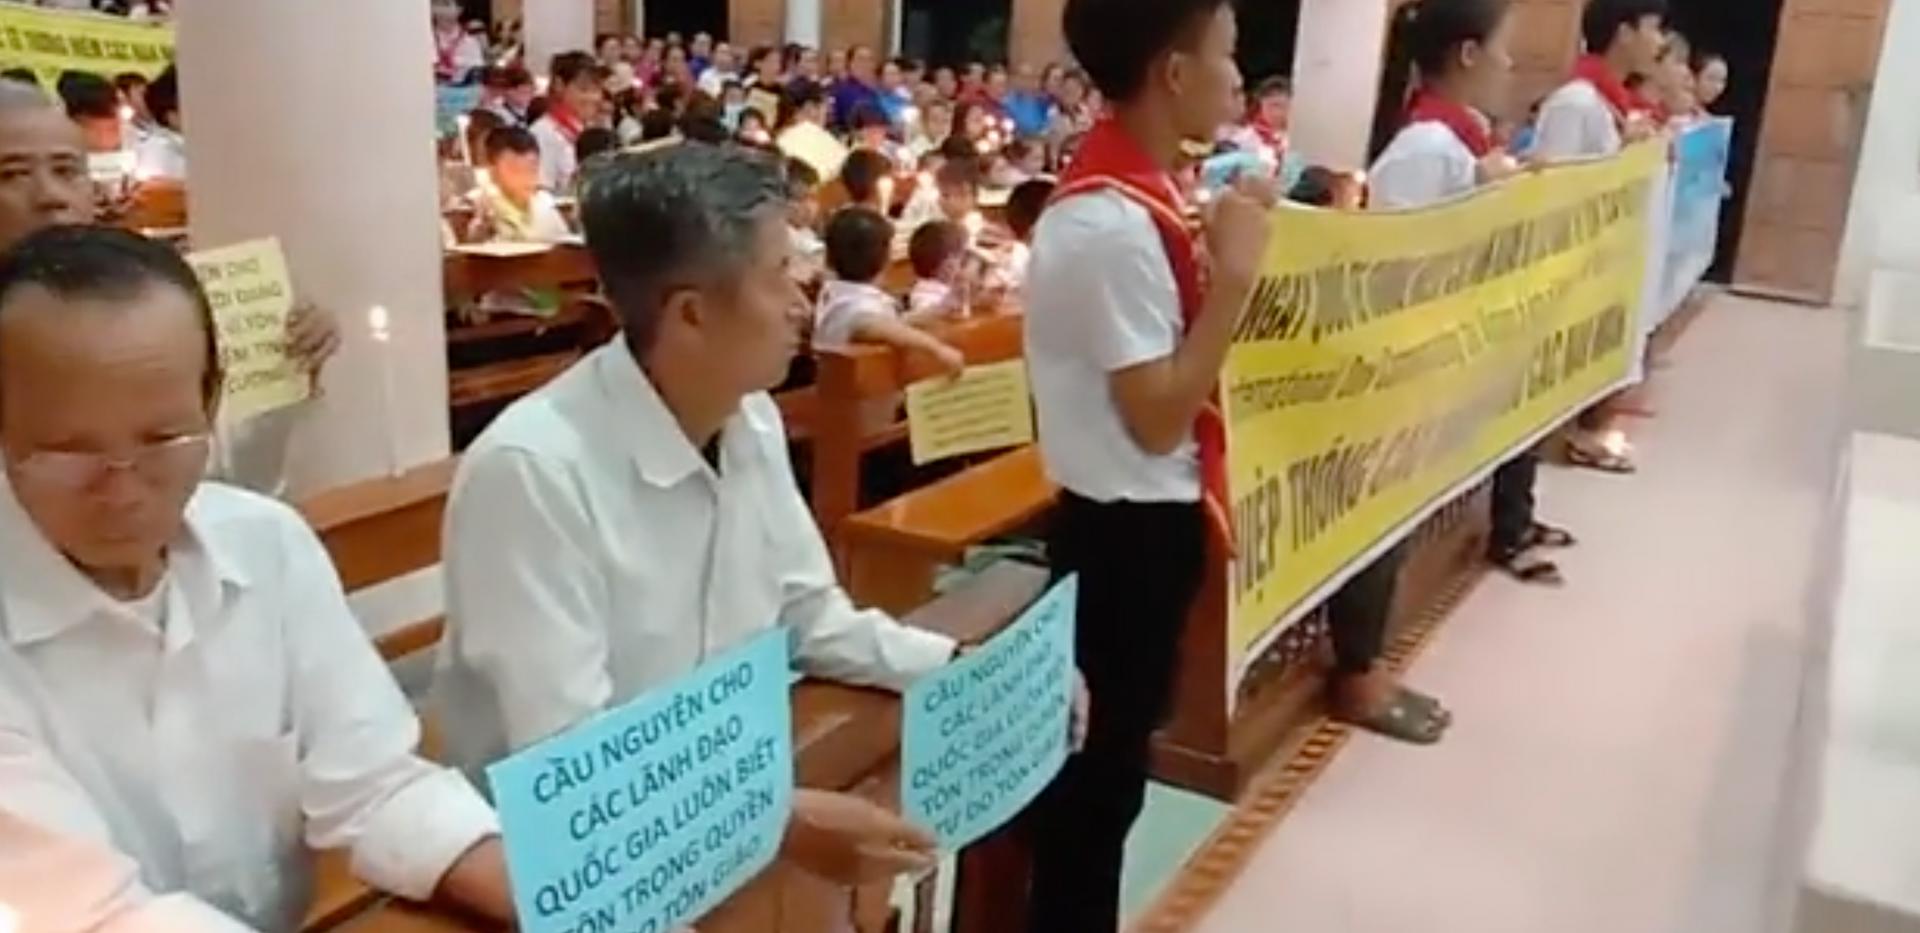 Giáo Xứ Diên Trường Giáo Hạt Hoà Ninh Giáo Phận Hà Tĩnh